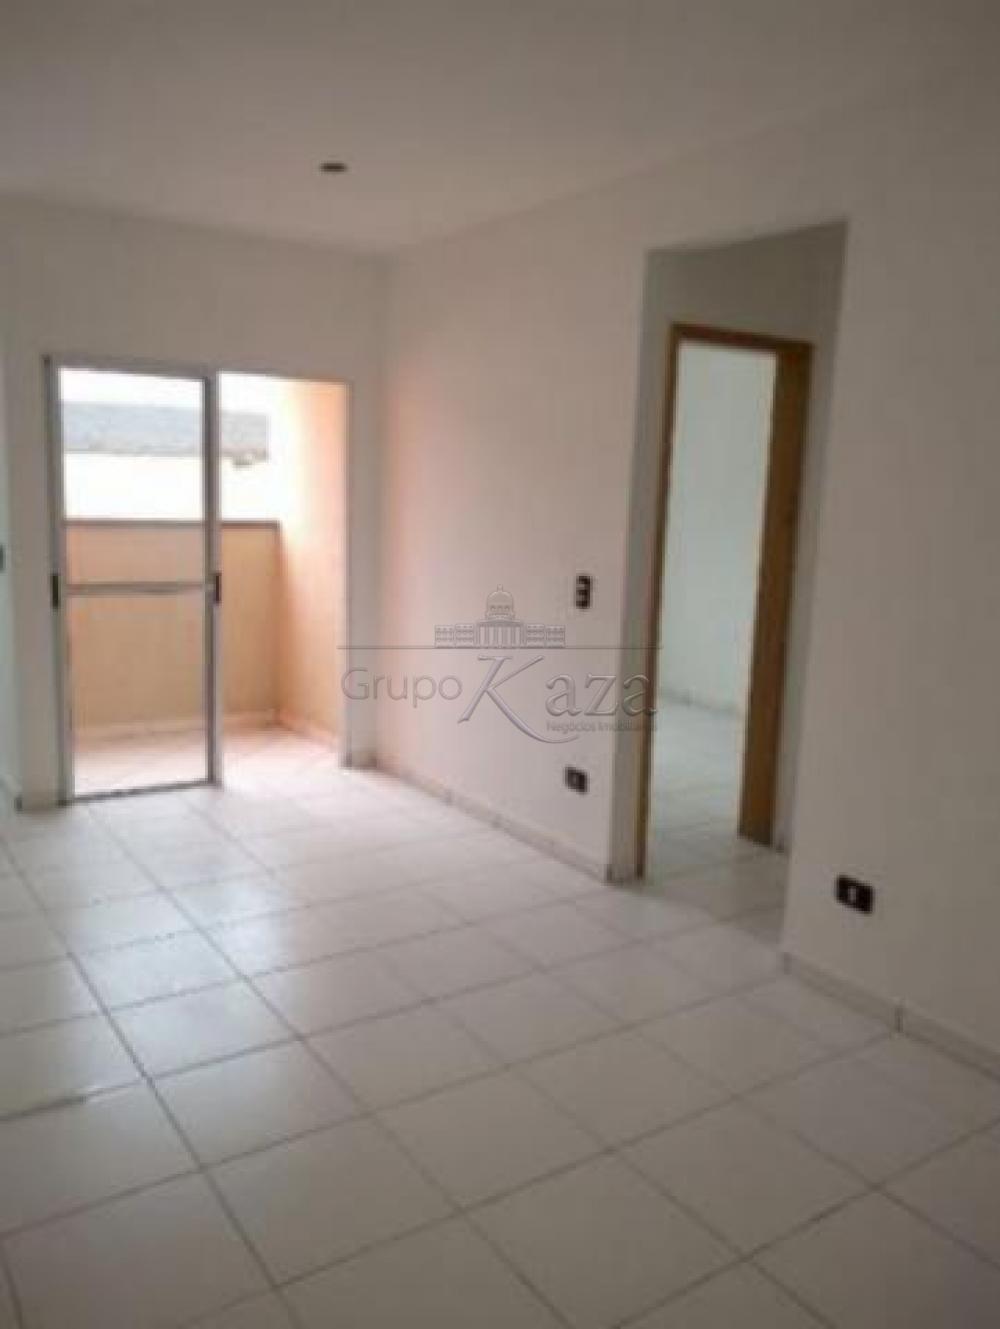 Apartamento / Padrão em Ubatuba , Comprar por R$189.000,00